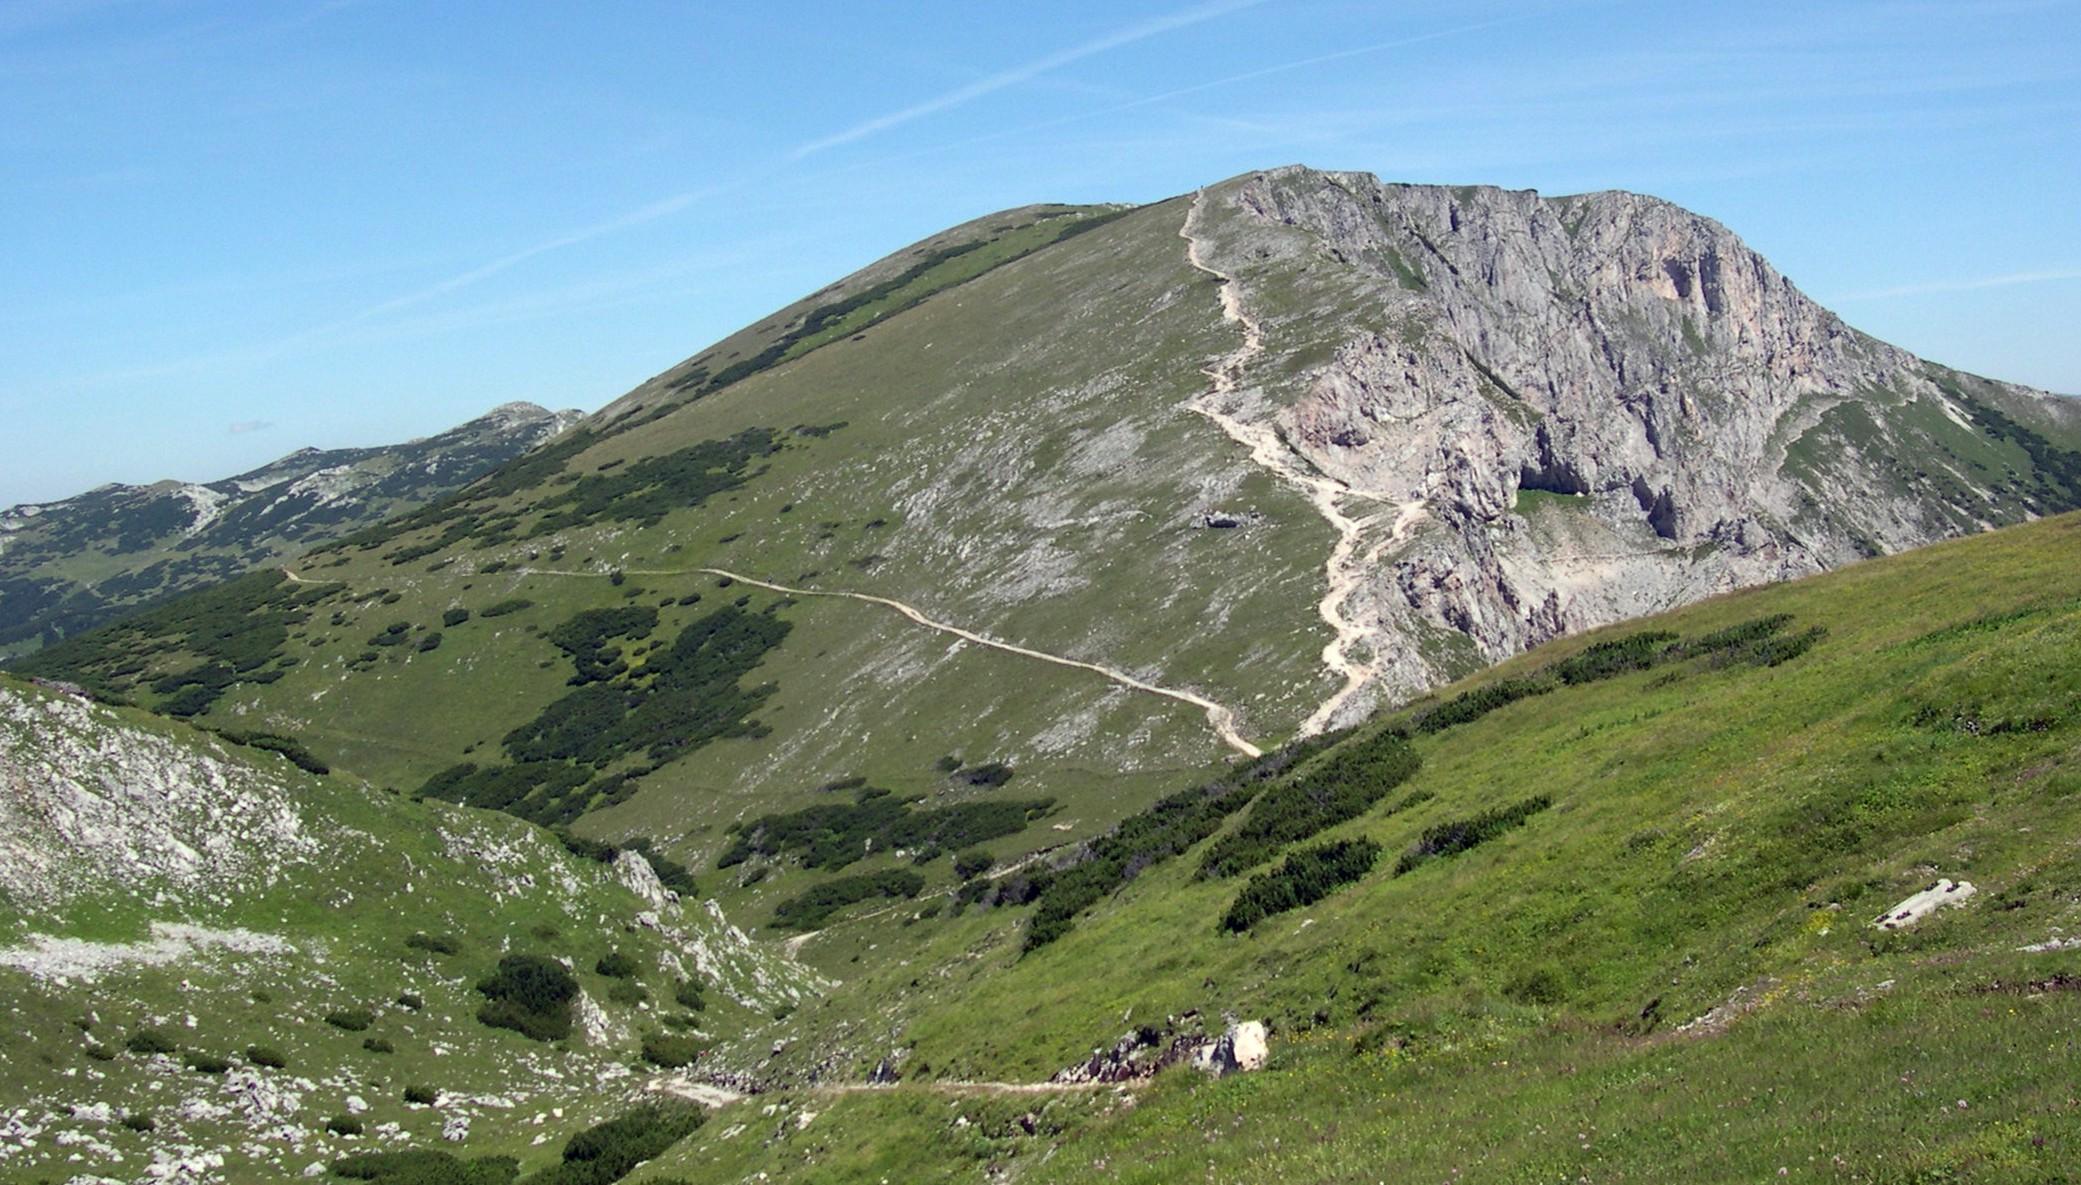 Klettersteig Rax : Klettersteigwanderung auf der rax